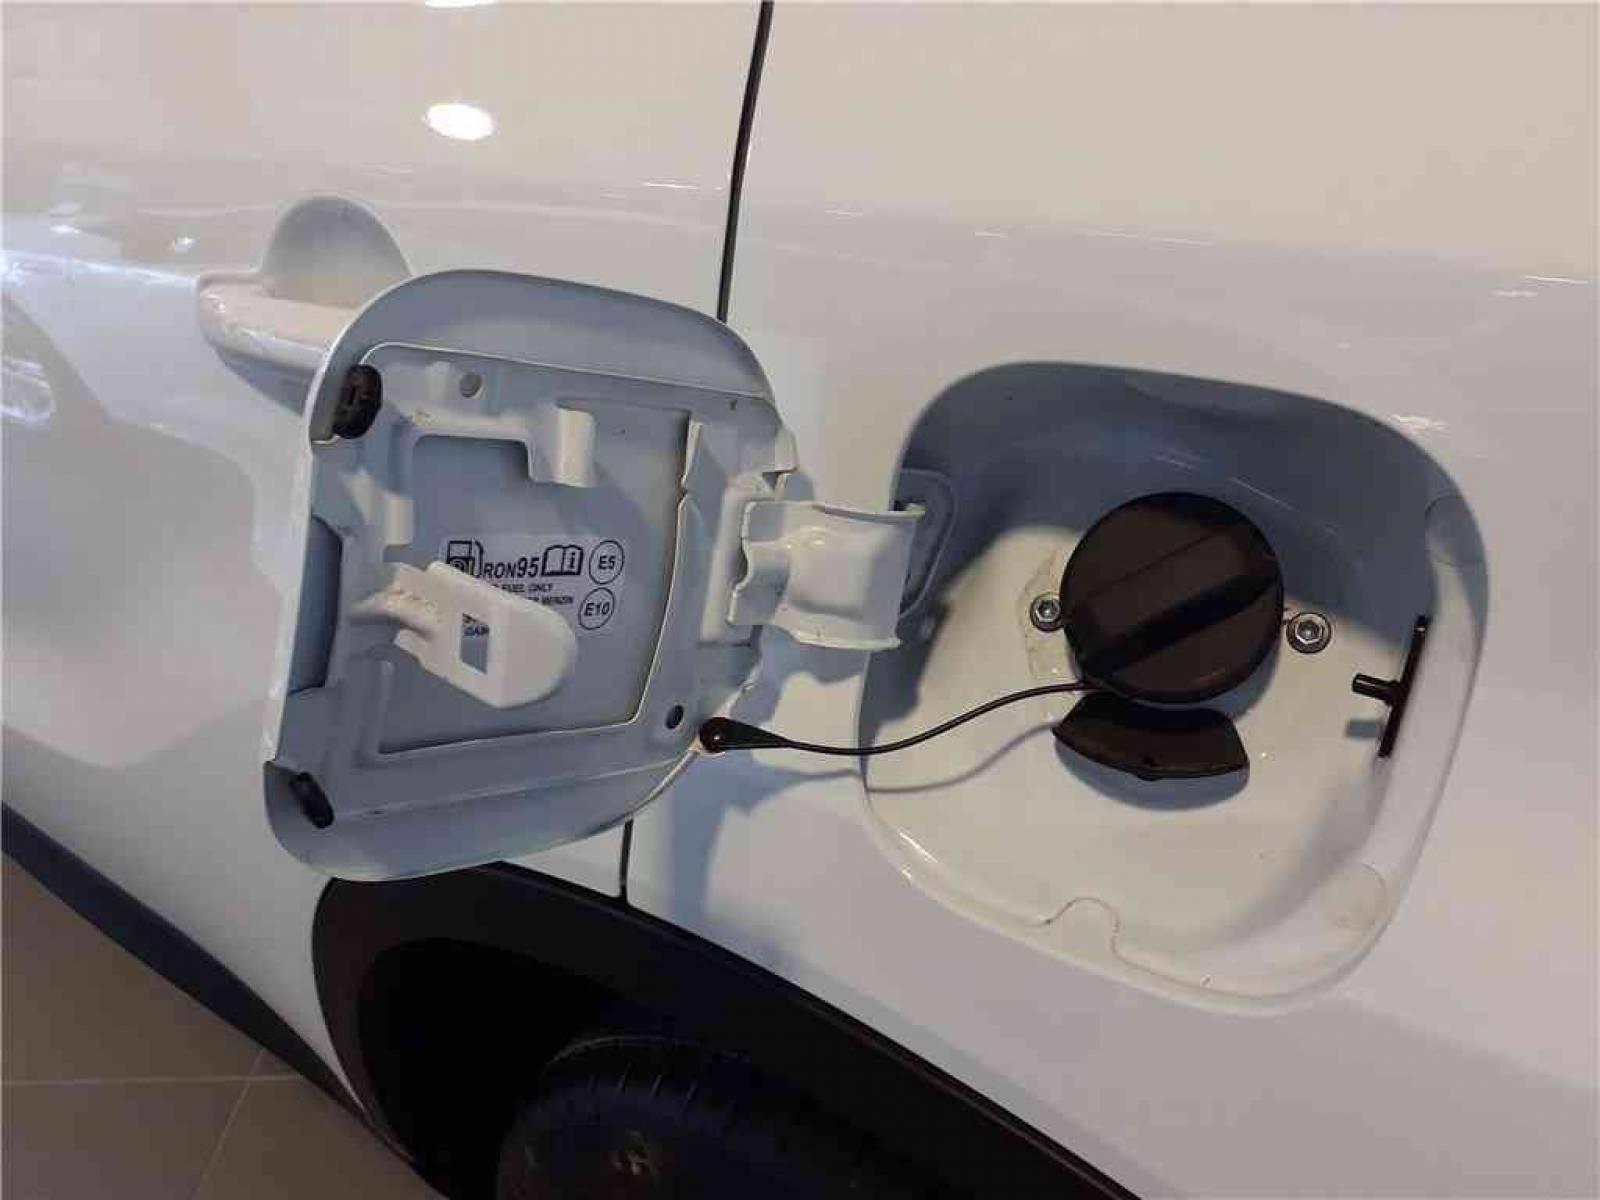 SUZUKI Vitara 1.4 Boosterjet Hybrid - véhicule d'occasion - Groupe Guillet - Hall de l'automobile - Chalon sur Saône - 71380 - Saint-Marcel - 4